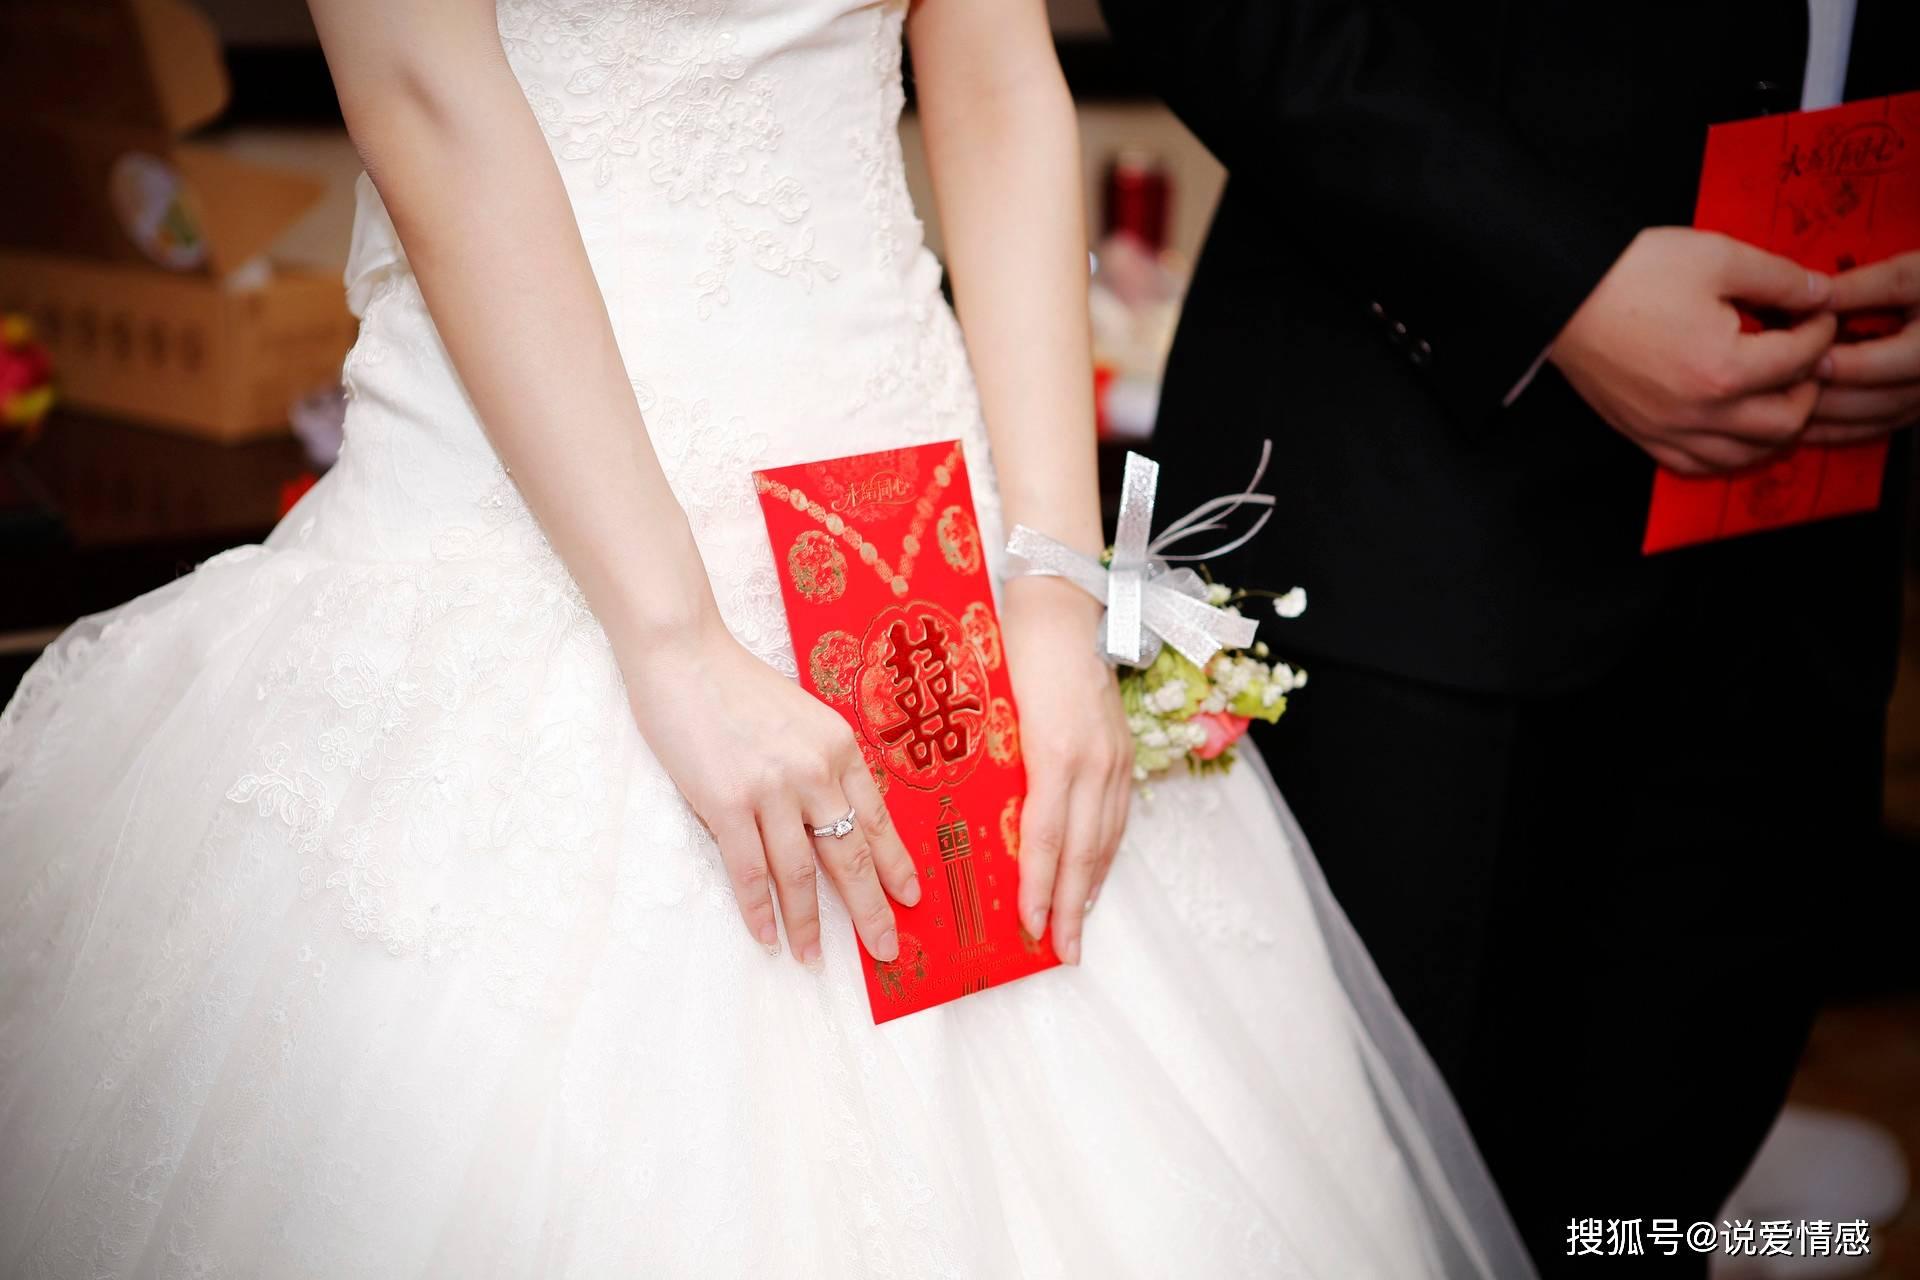 暧昧的关系合适结婚么 已婚同事暧昧关系的表现